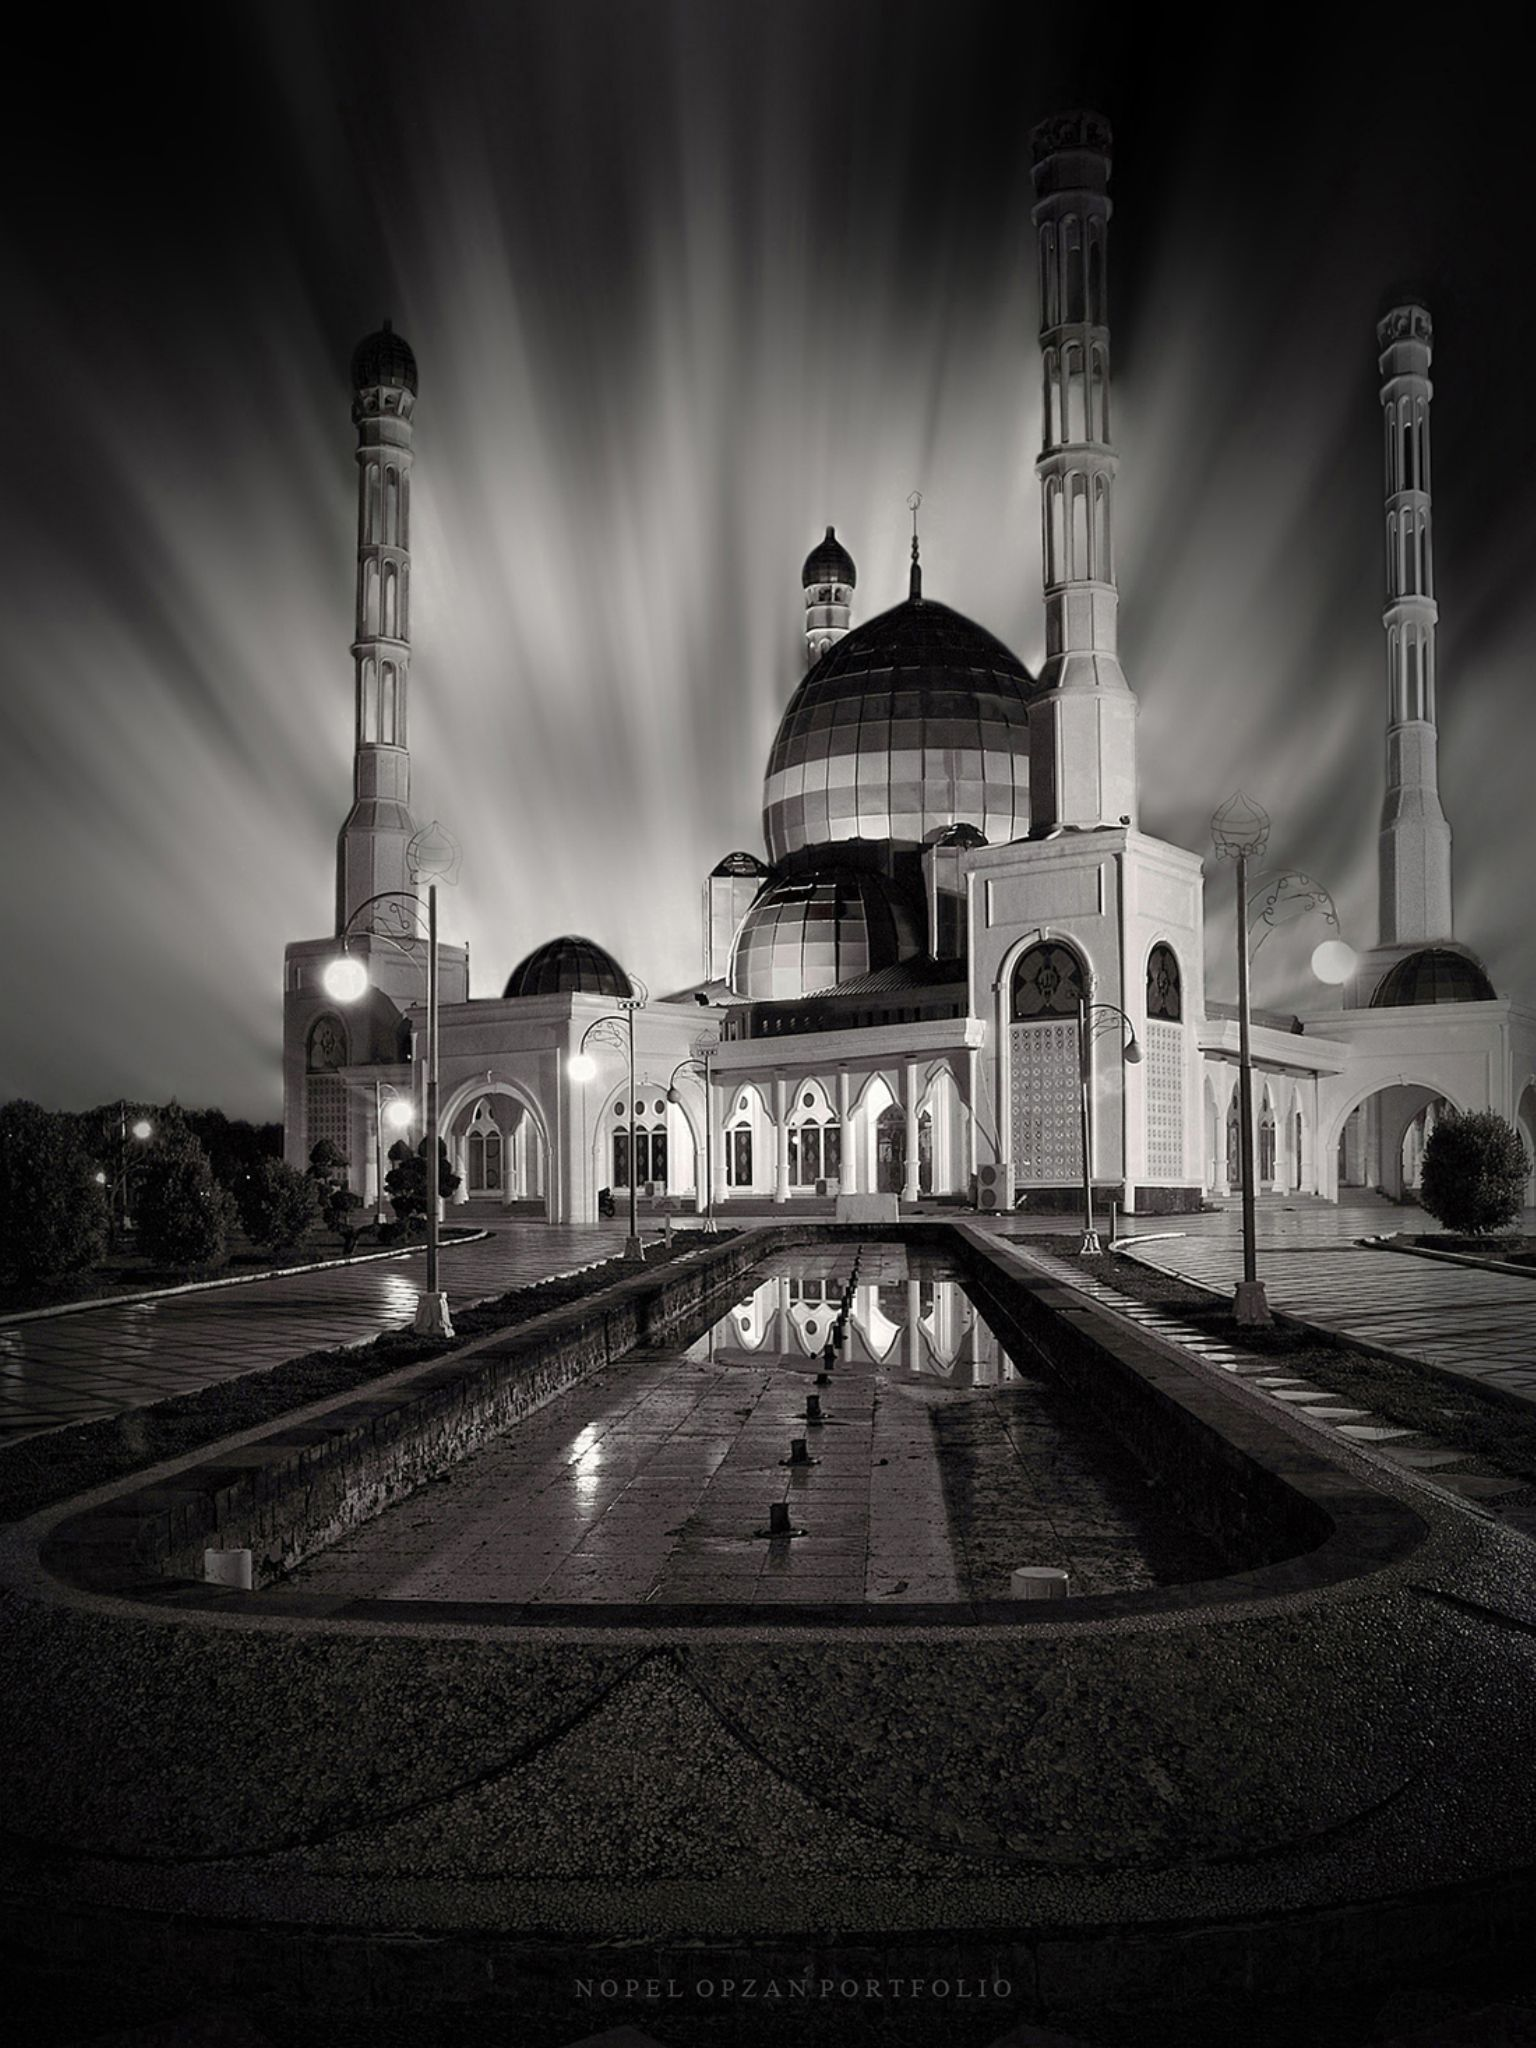 Mesjid Agung  by Nopel_Opzan